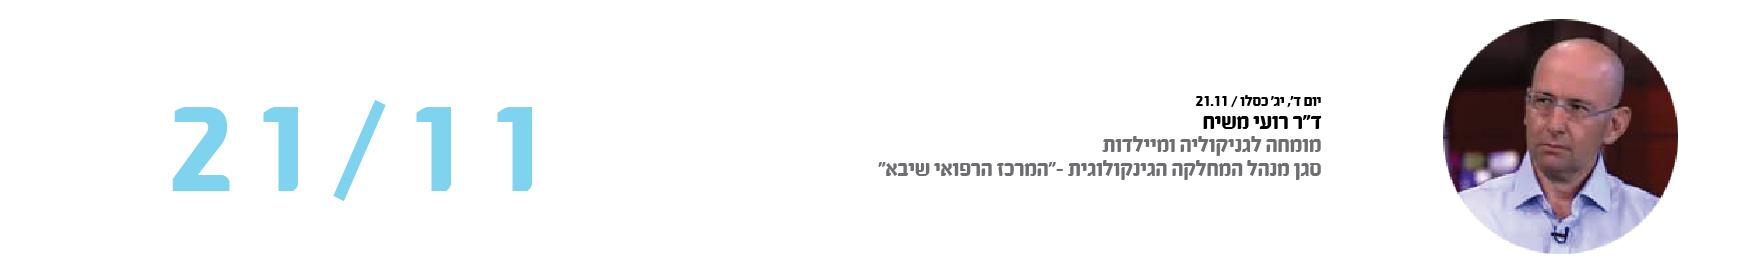 שבוע קבלת קהל באנרים לאתר [Recovered]-04